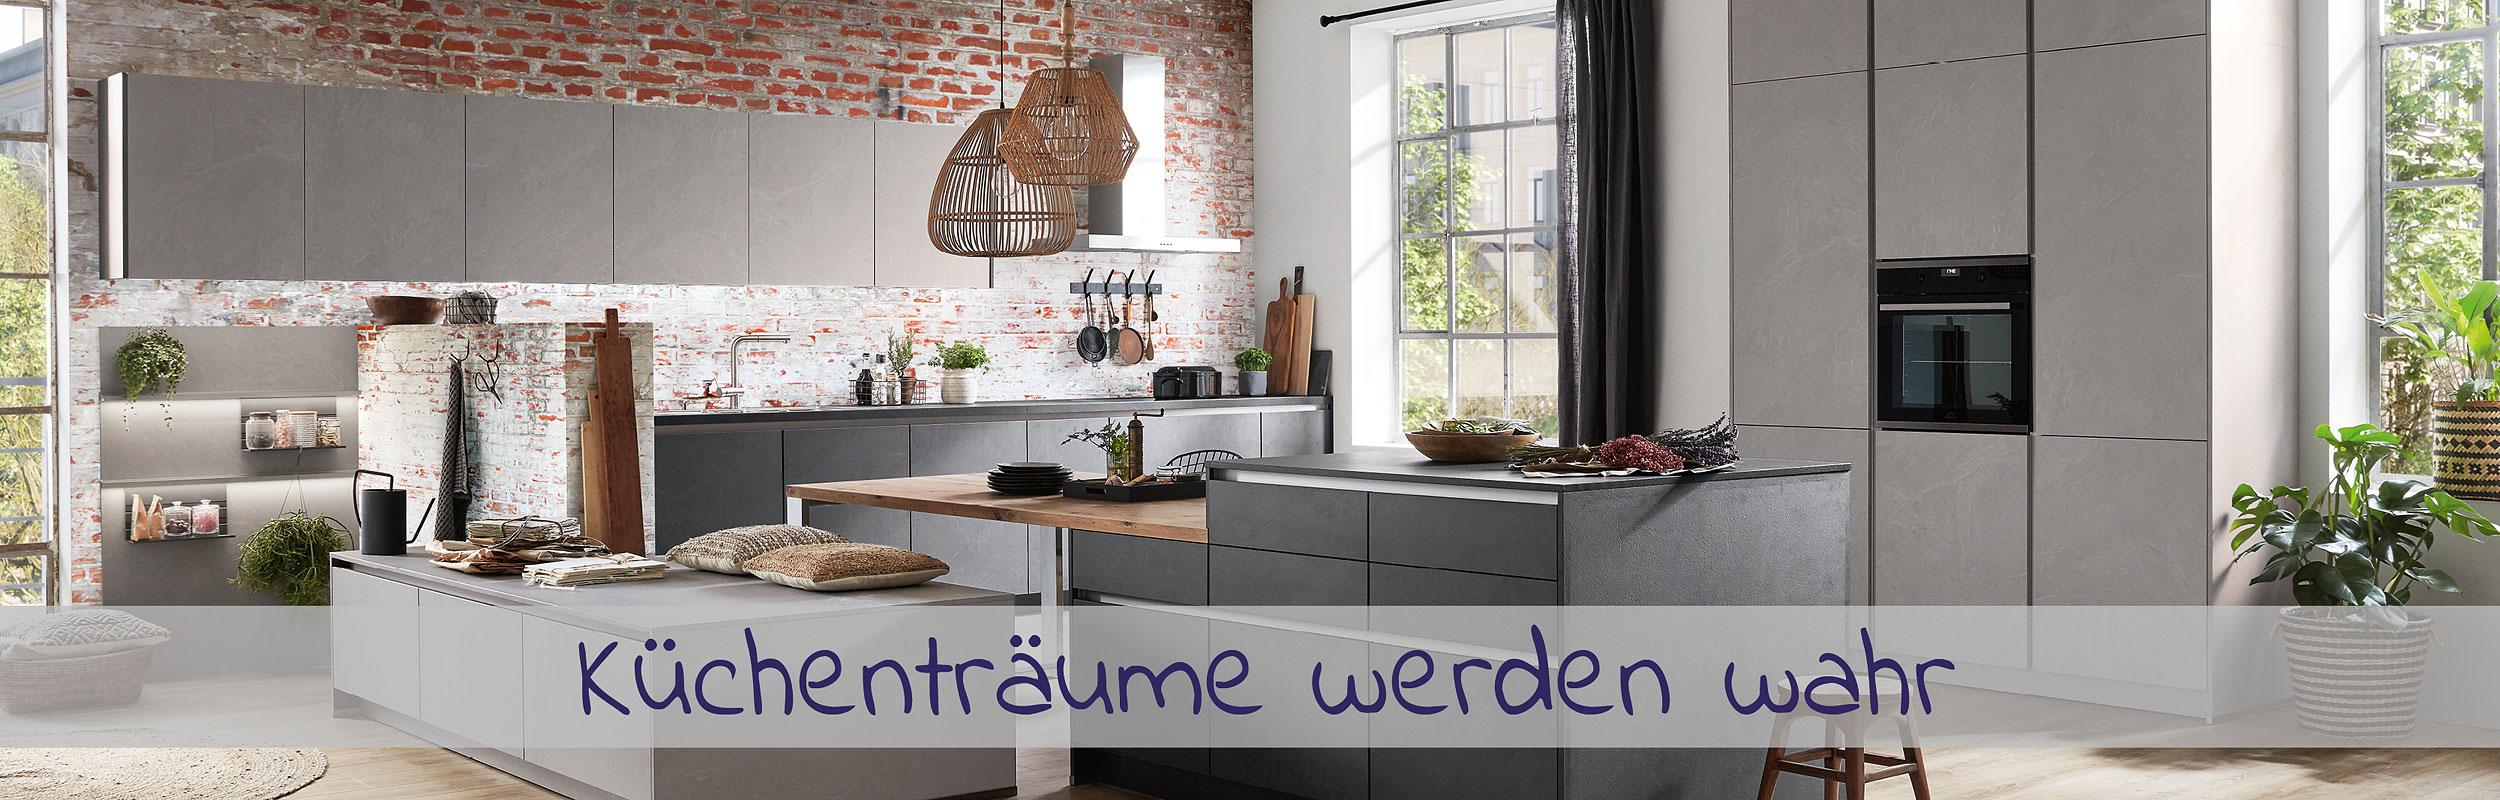 Küchenträume werden wahr - im Küchenland Auer